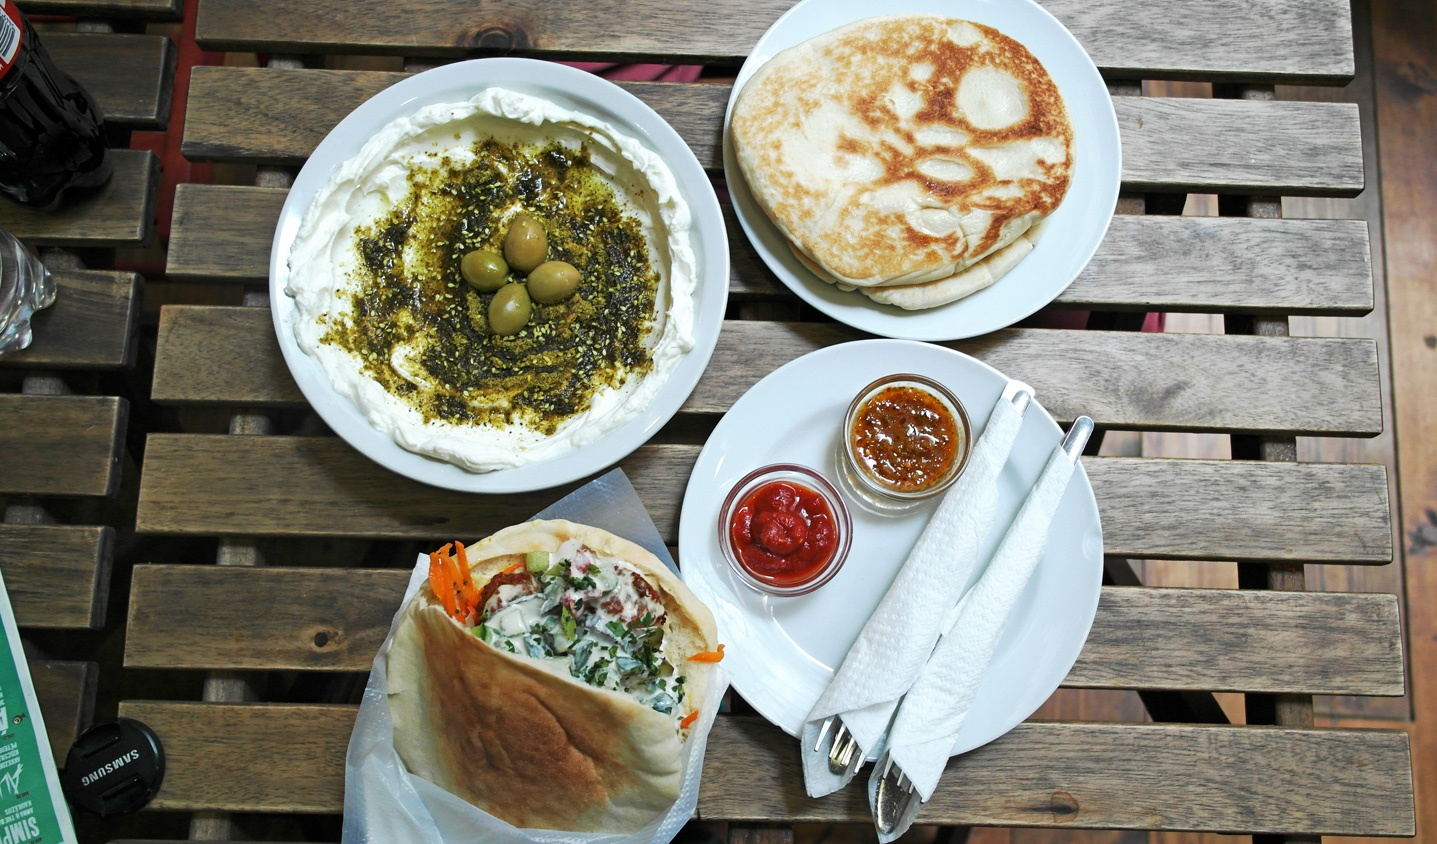 la-coutch-blog-budapest-visiter-manger-adresses2